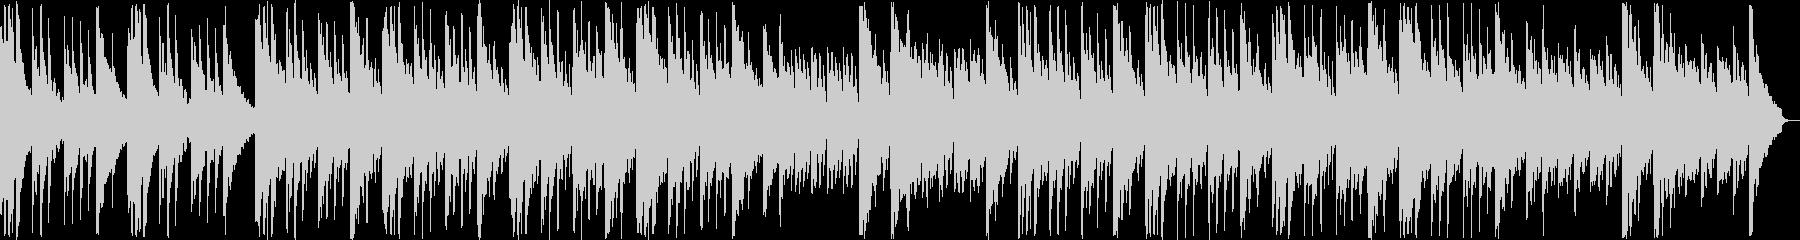 ゆっくりと安らぎのギター・シンセサウンドの未再生の波形